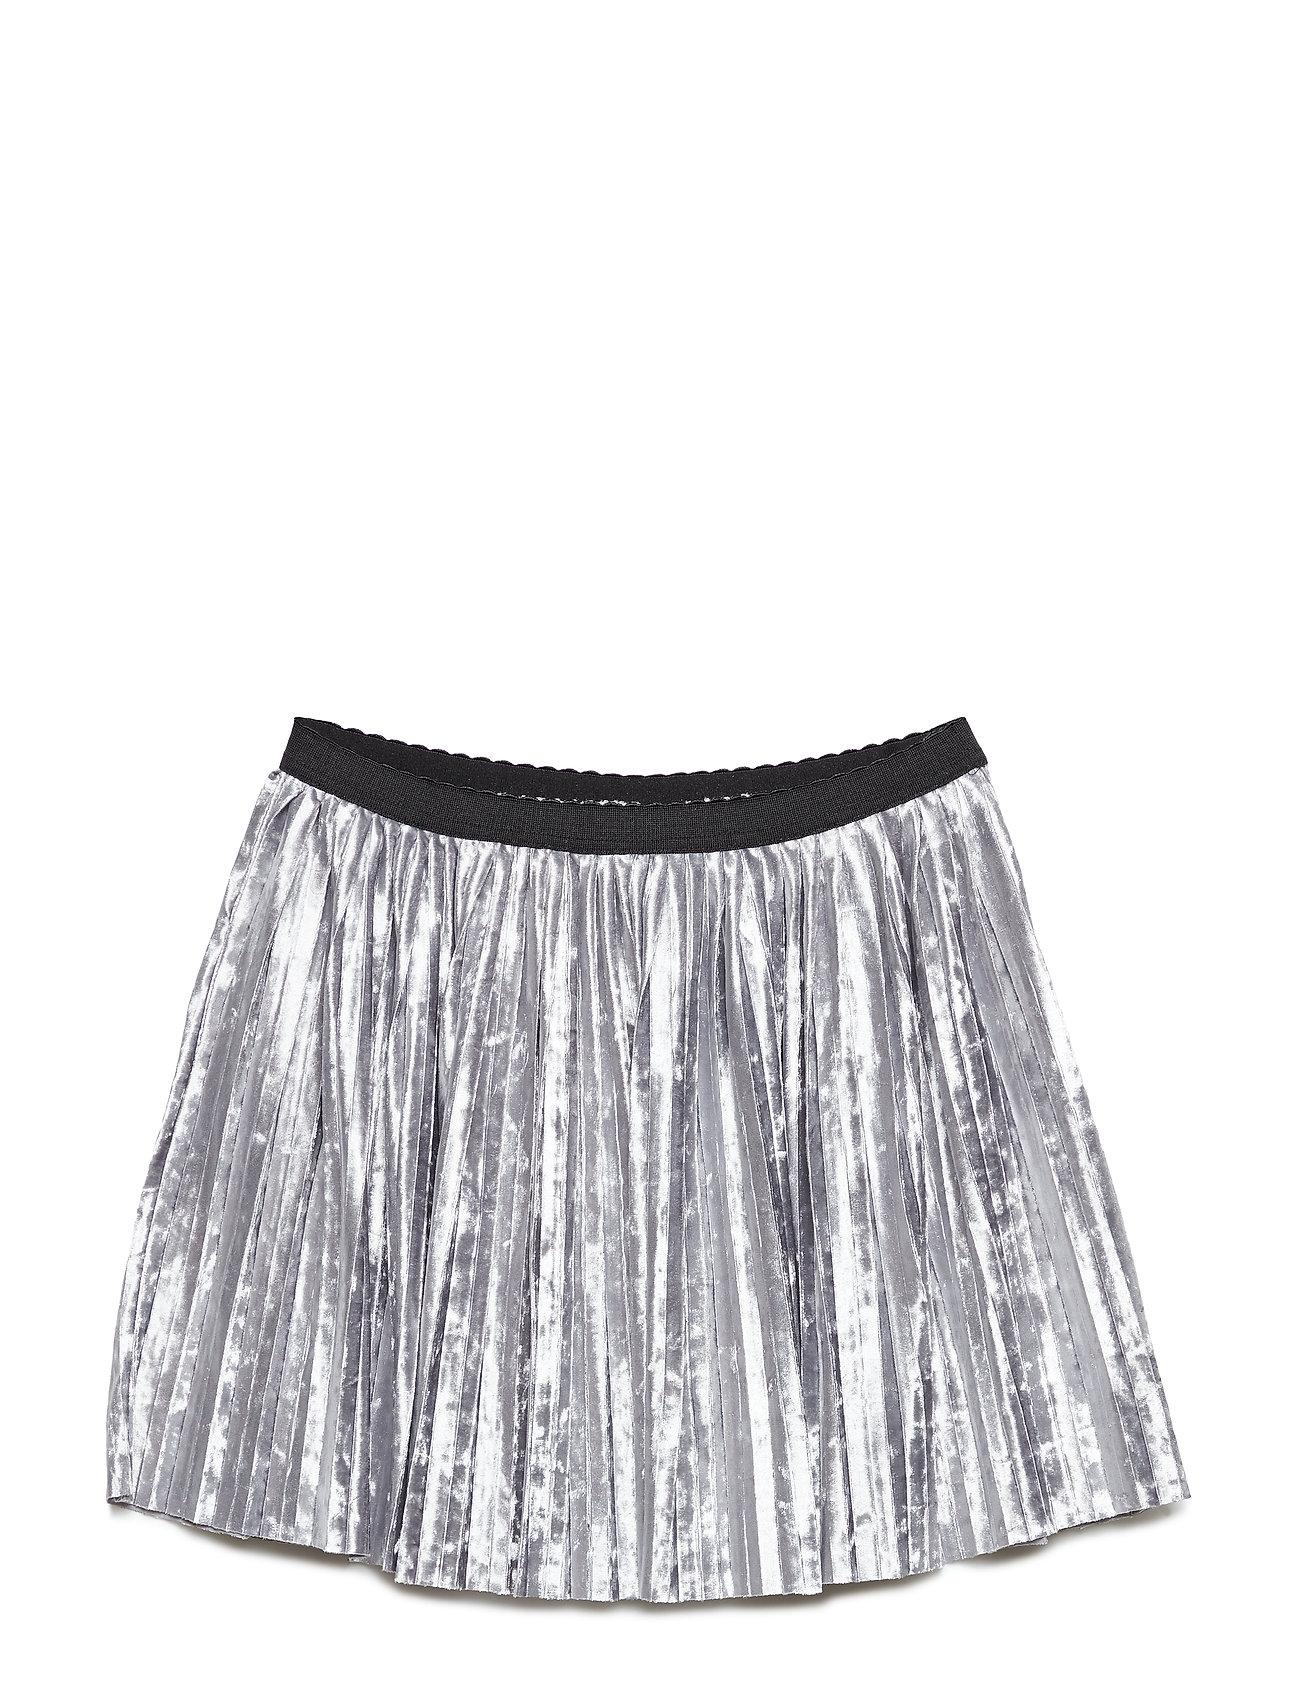 Polarn O. Pyret Skirt Pleated School